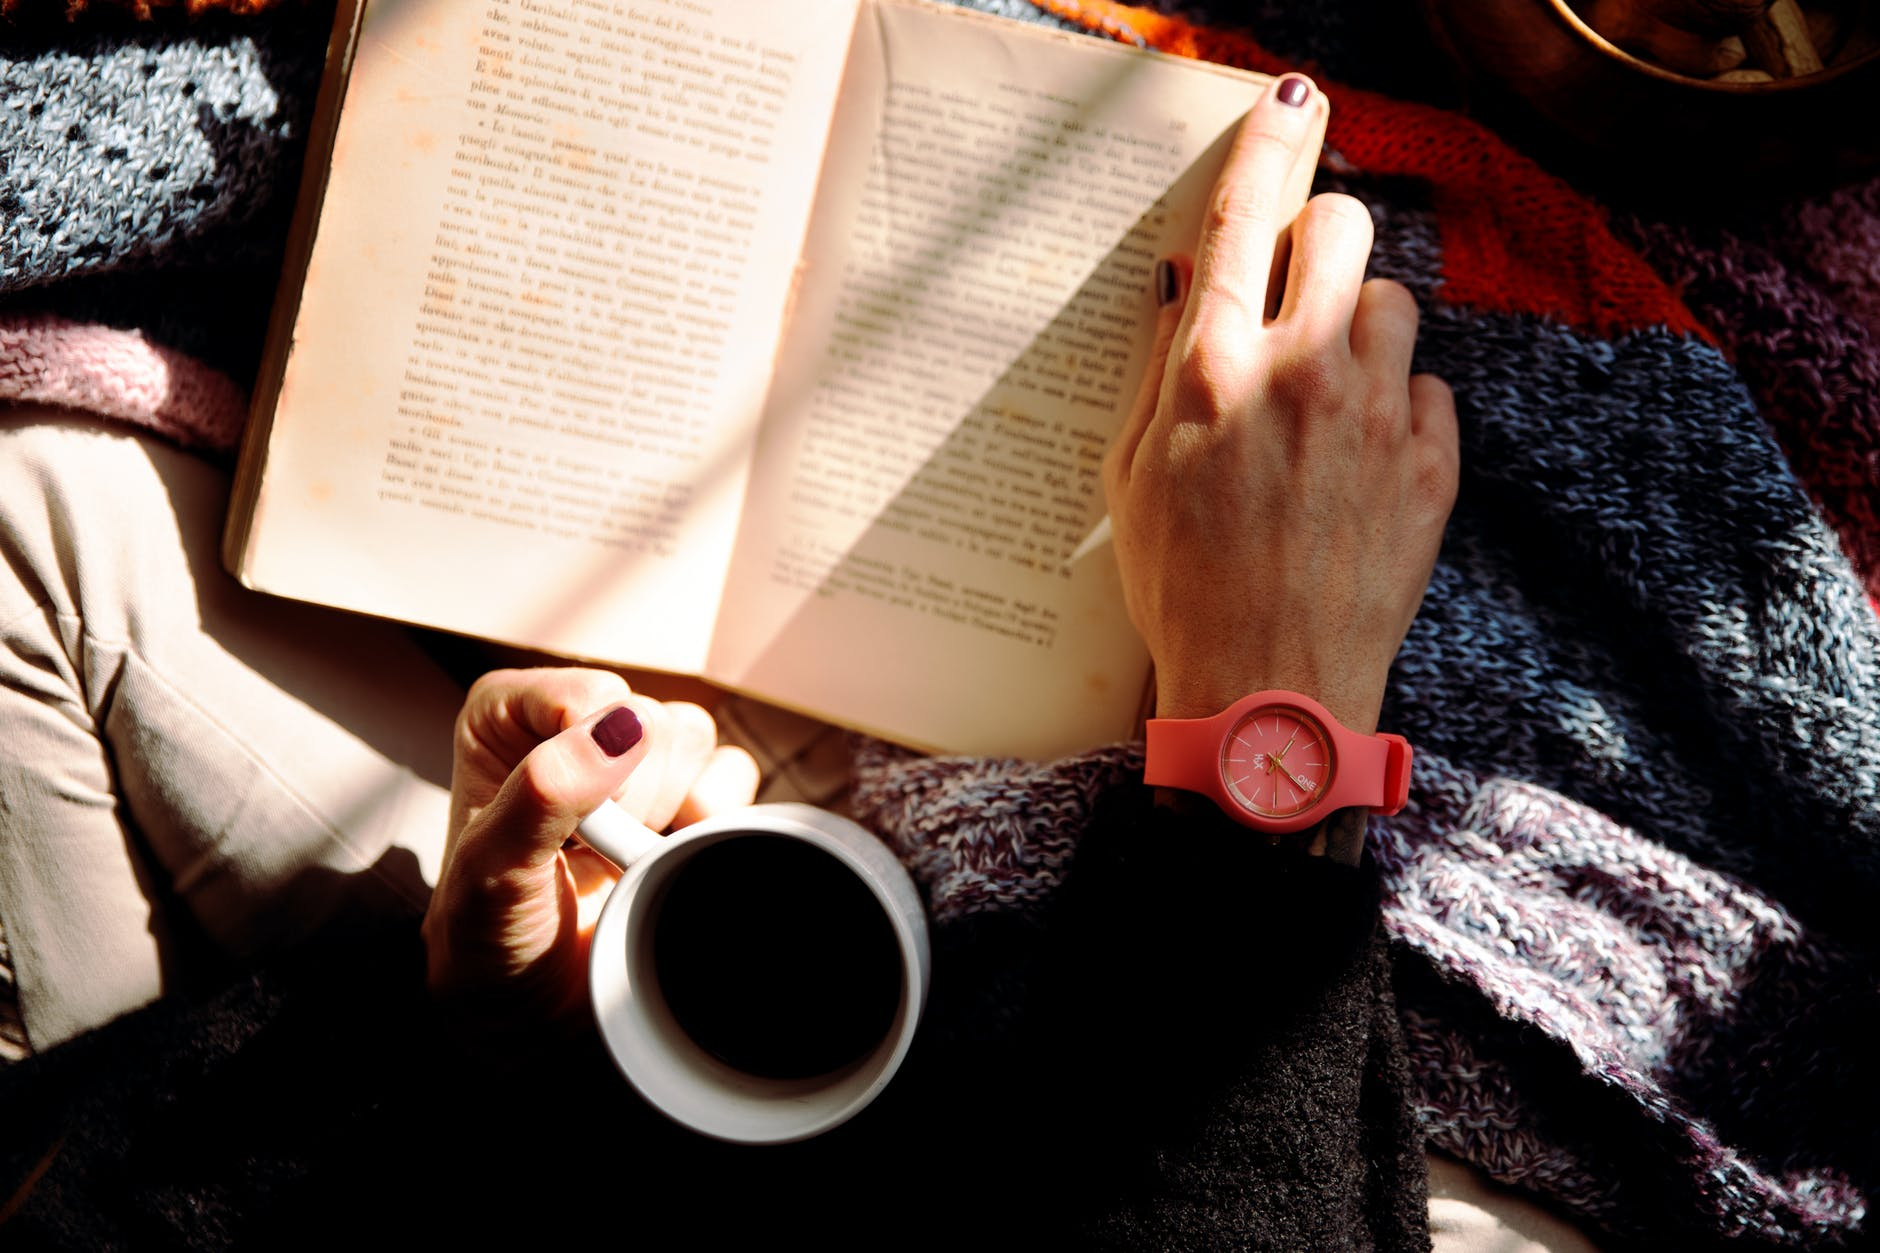 Четенето не е демоде, словото е безкрайно богатство! Вижте защо.